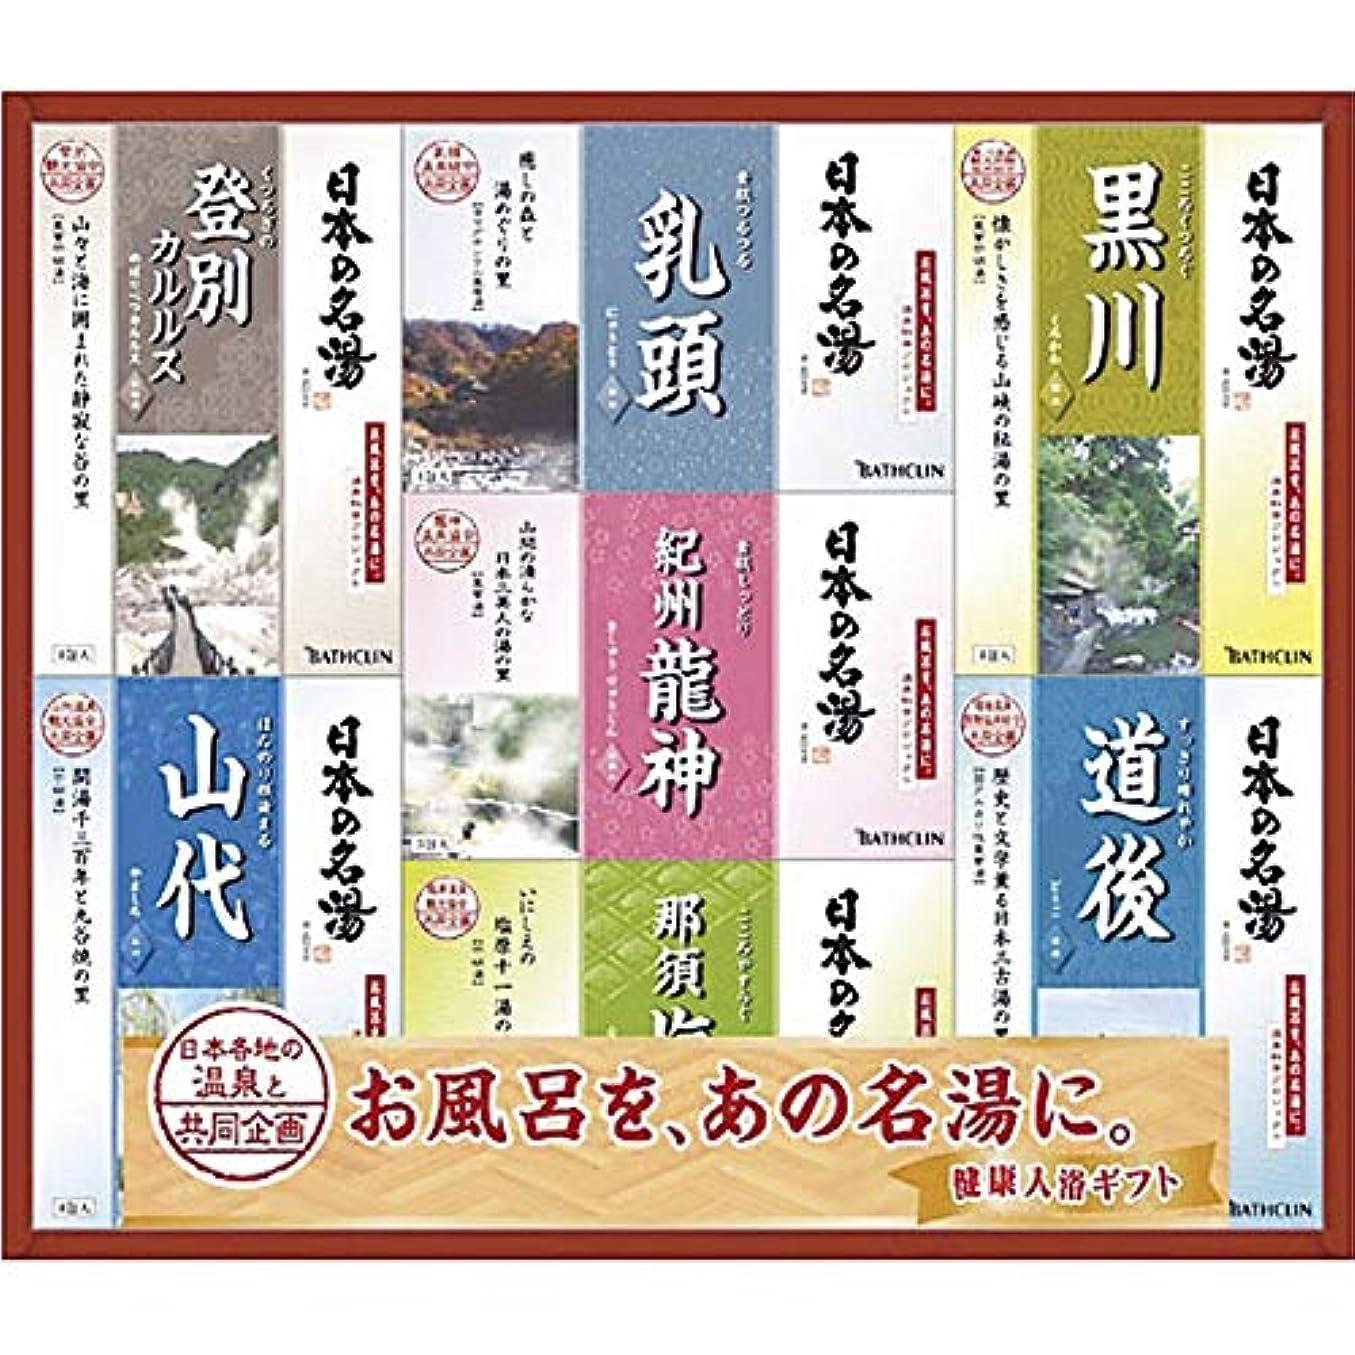 統計会議情緒的バスクリン 日本の名湯 ギフトセット NMG-25F 【個包装 セット 詰め合わせ 疲労回復 ご褒美 贅沢 プチギフト 温まる 温泉 粉 ご当地 まとめ買い 名湯 リラックス 美肌 つめあわせ やさしい やすらぎ】